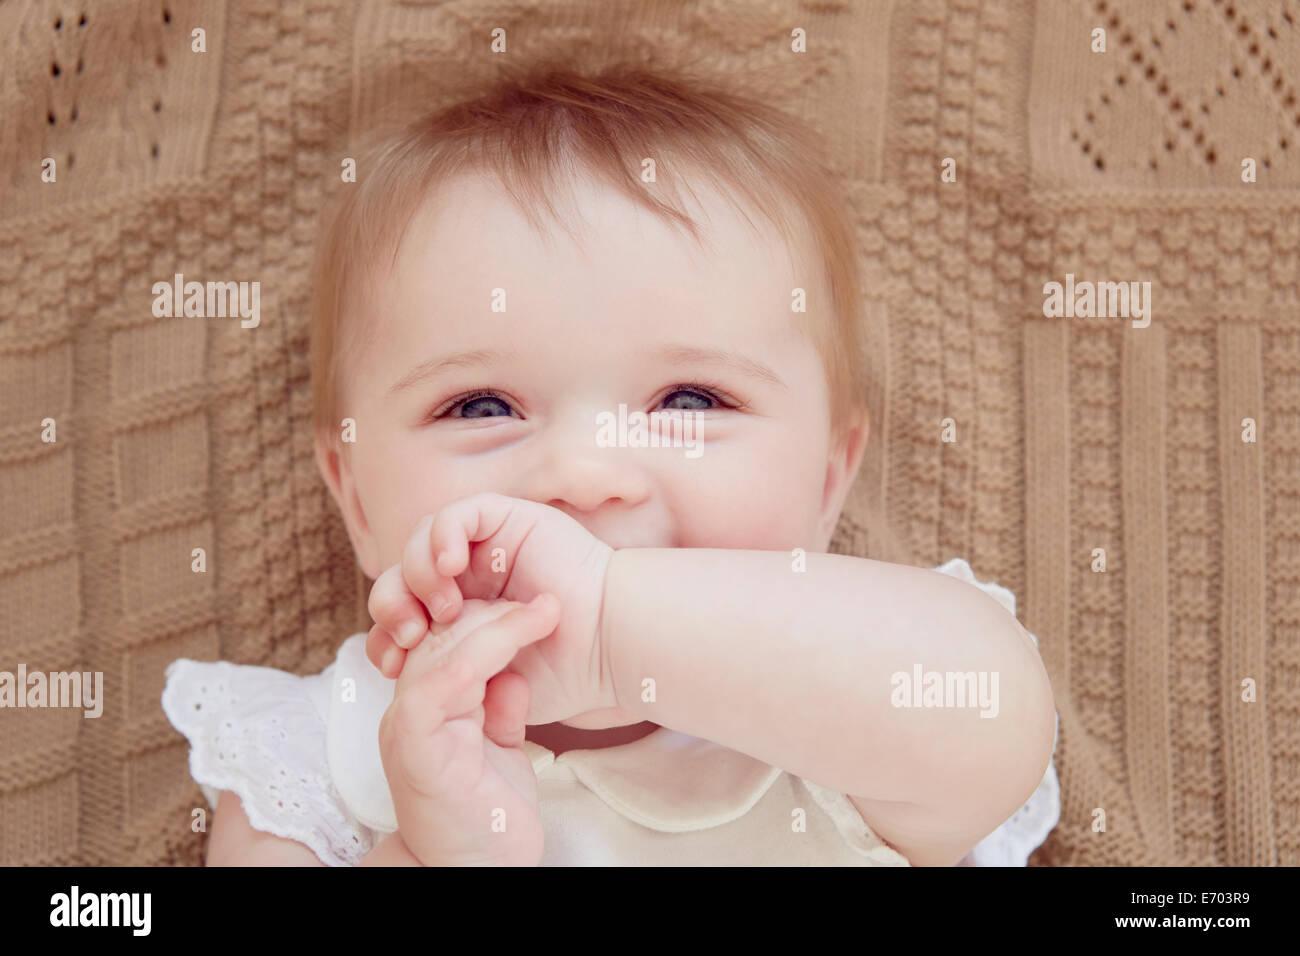 Close up ritratto di sorridente bambina giacente su una coperta Foto Stock